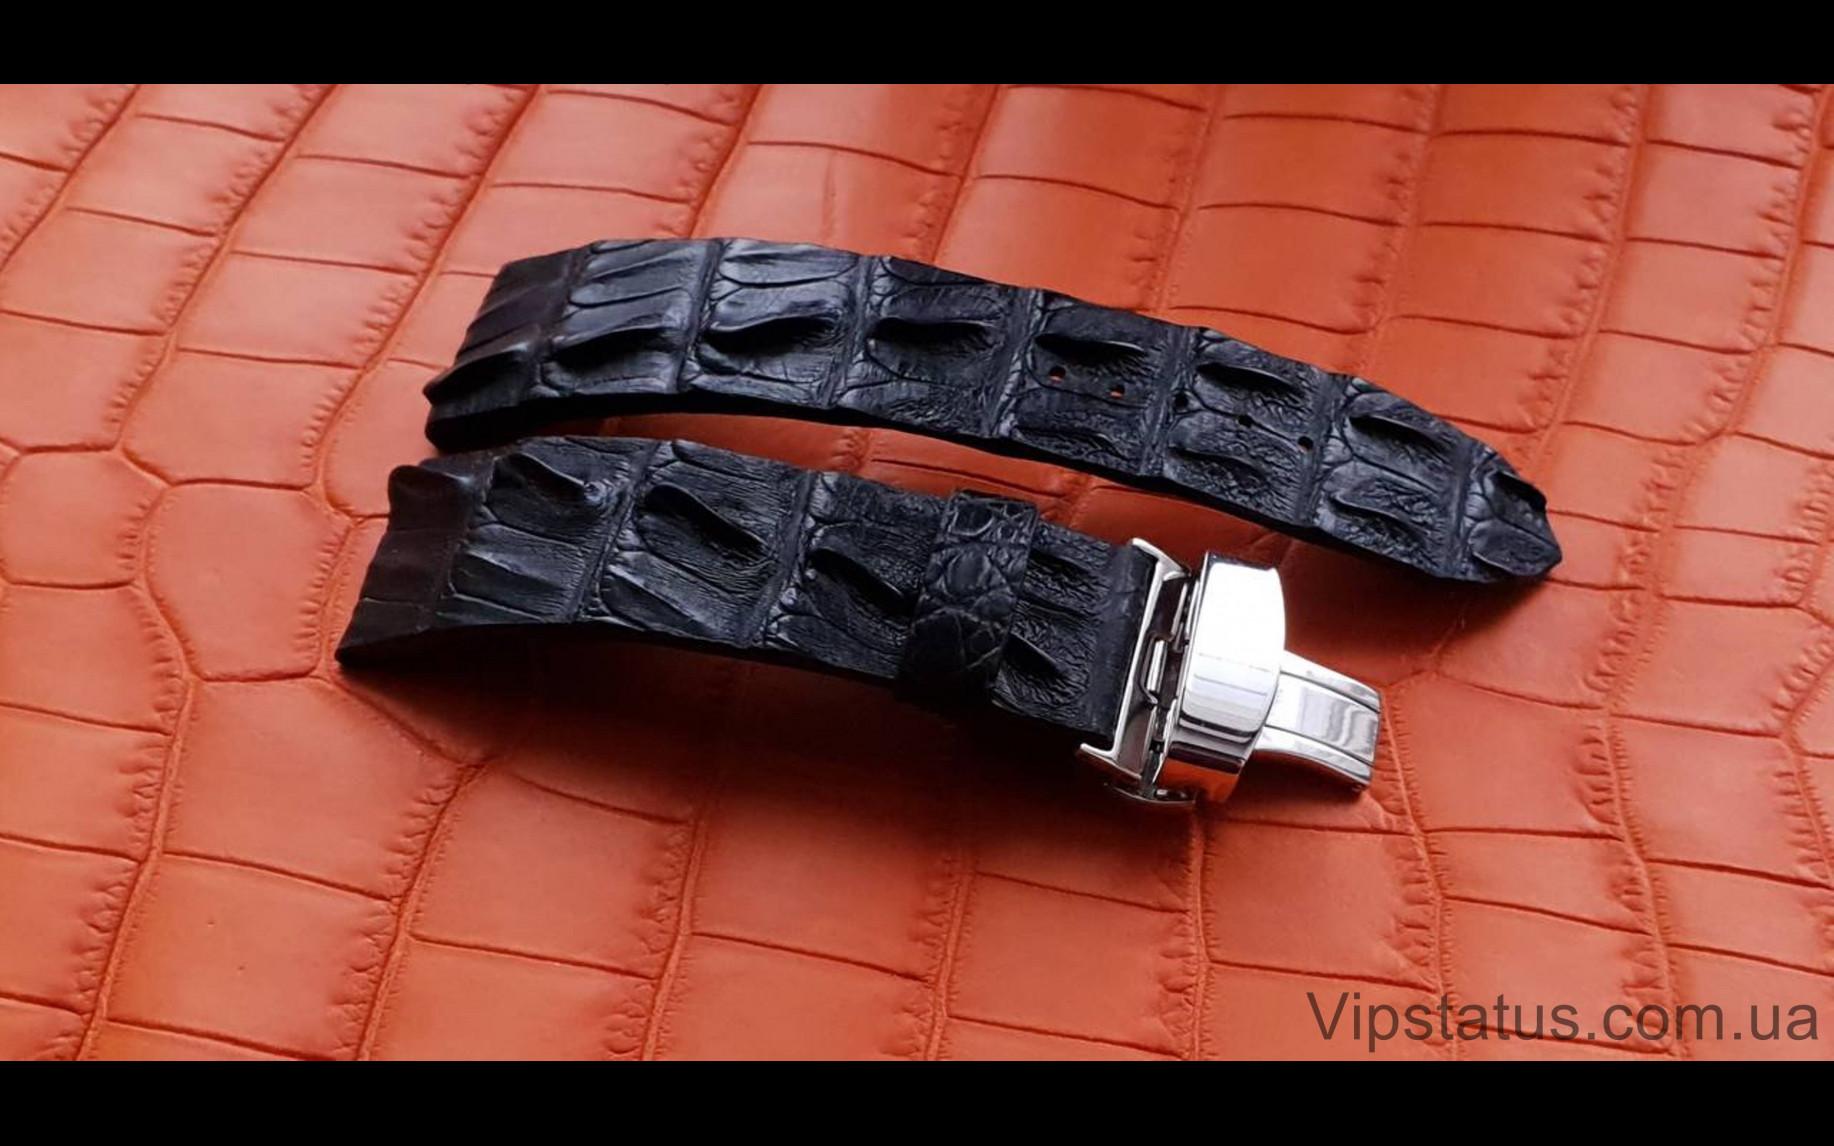 Elite Элитный ремешок для часов IWC кожа крокодила Elite Crocodile Strap for IWC watches image 2